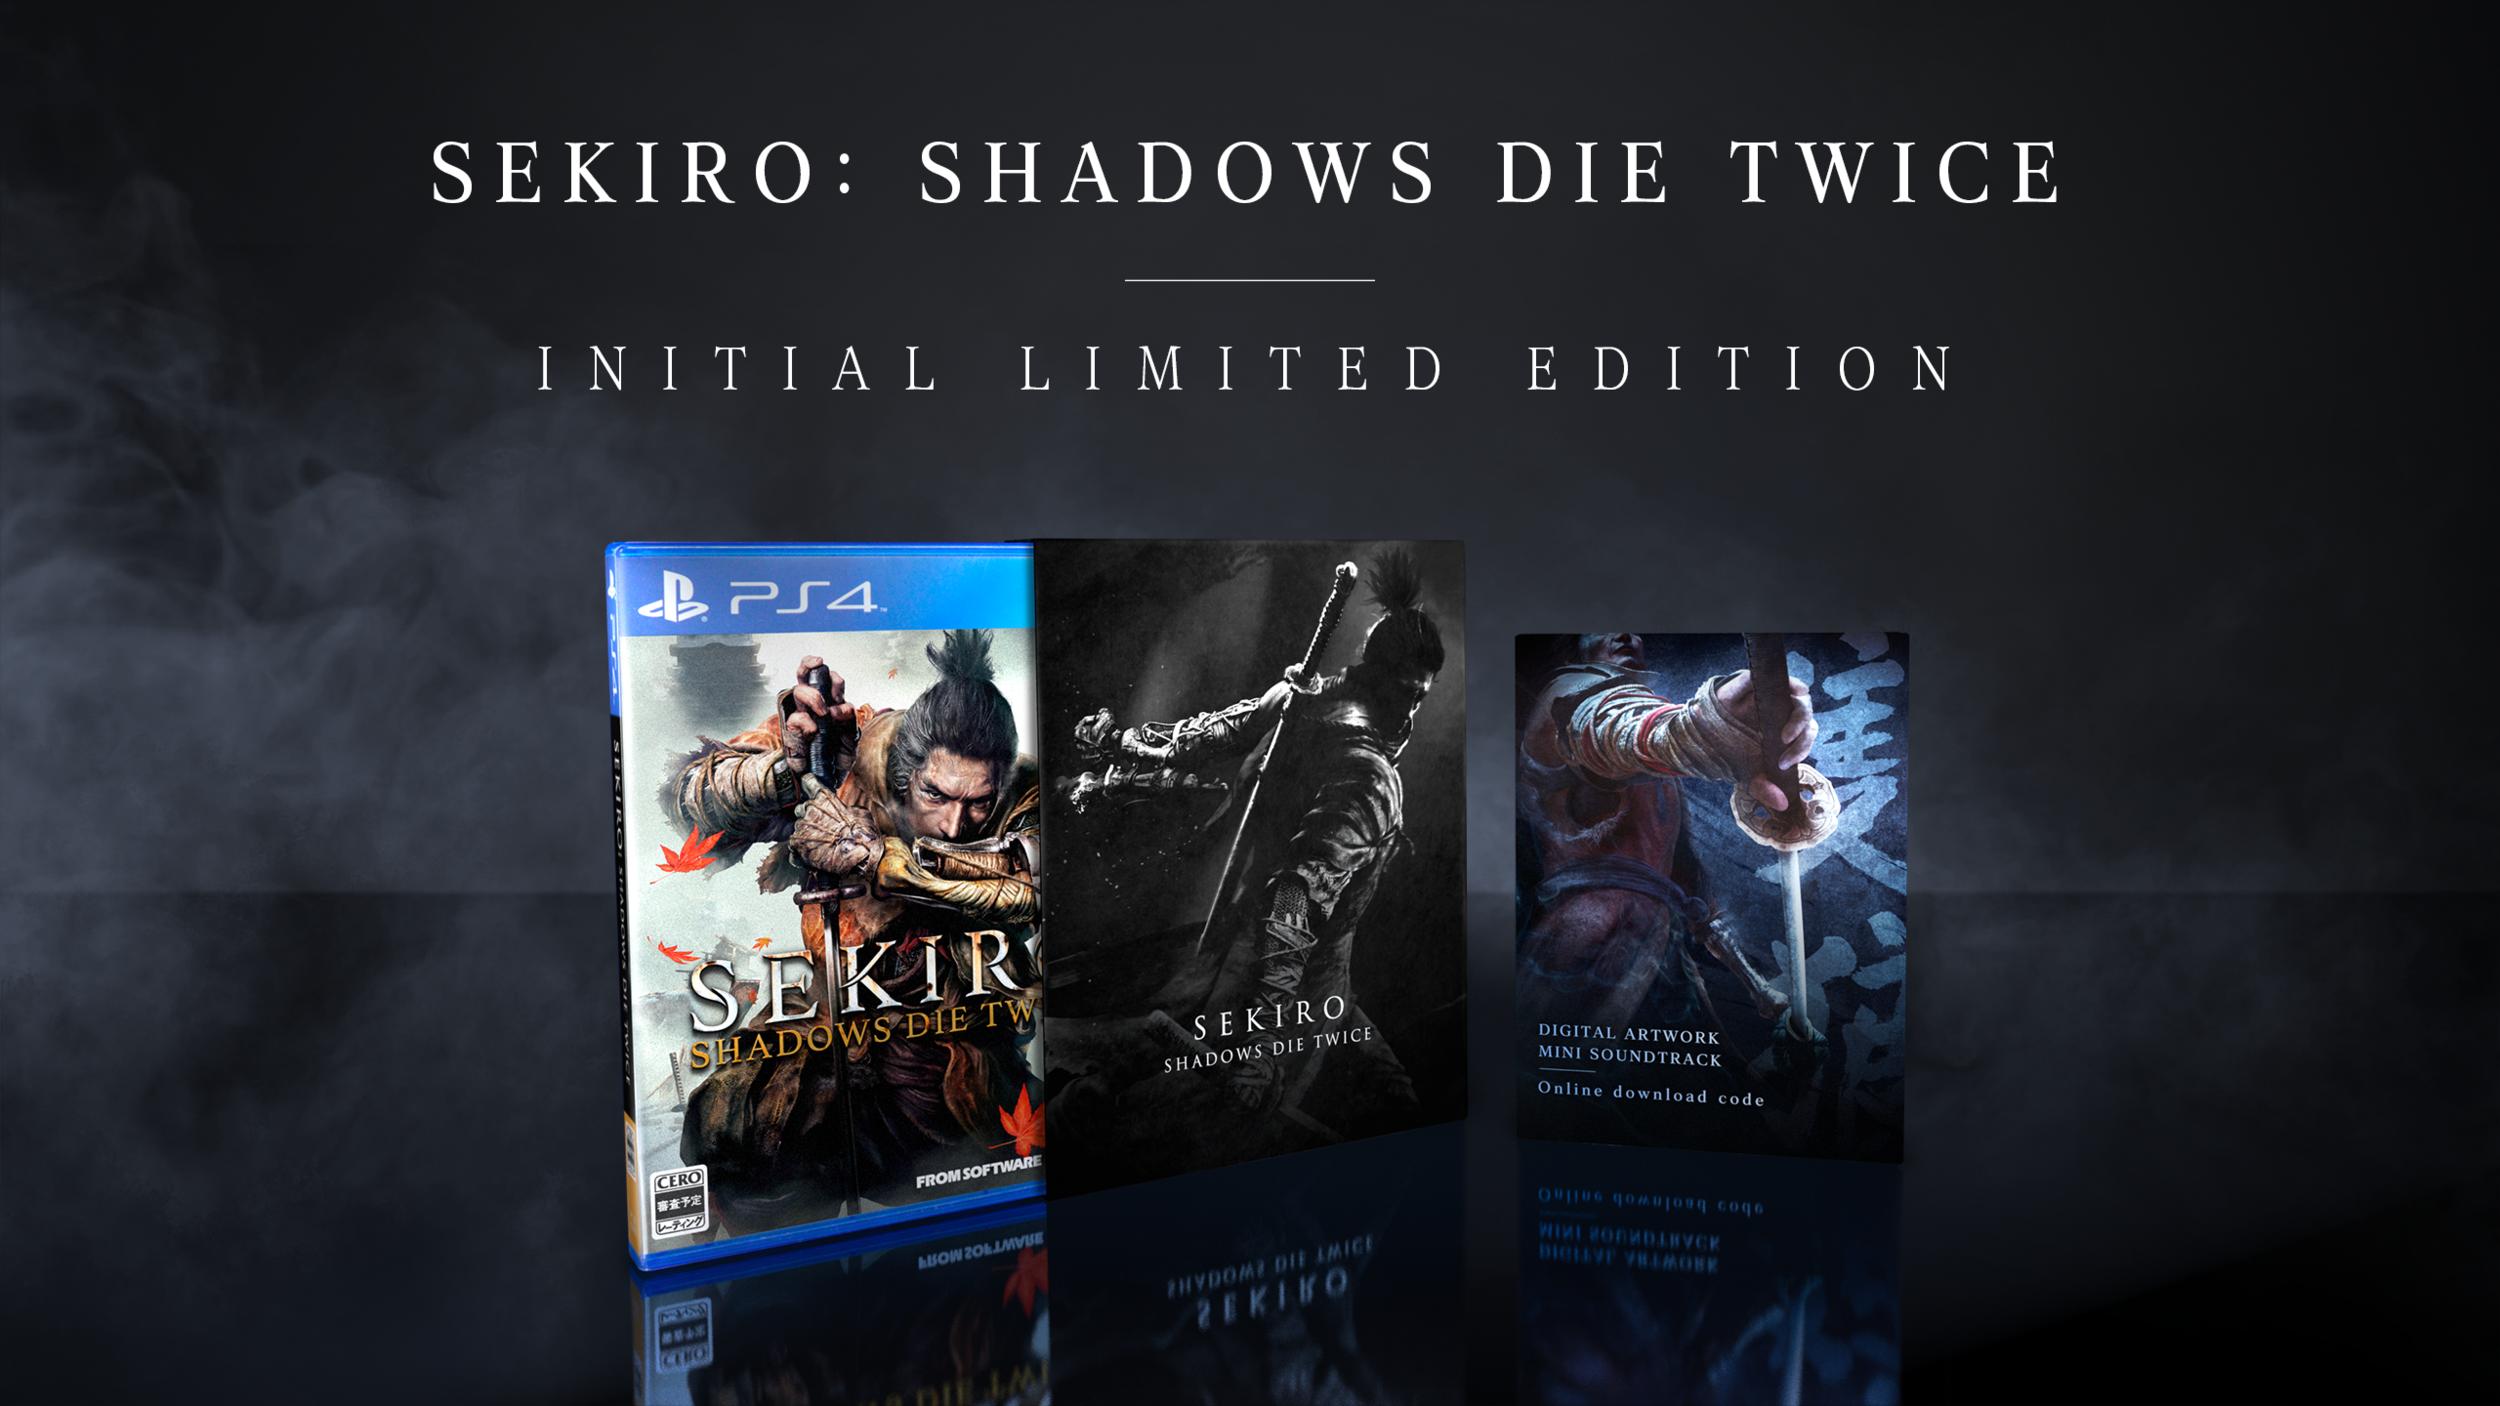 Pre-order Sekiro: Shadows Die Twice on PSN earns you a PS4 theme as a bonus.